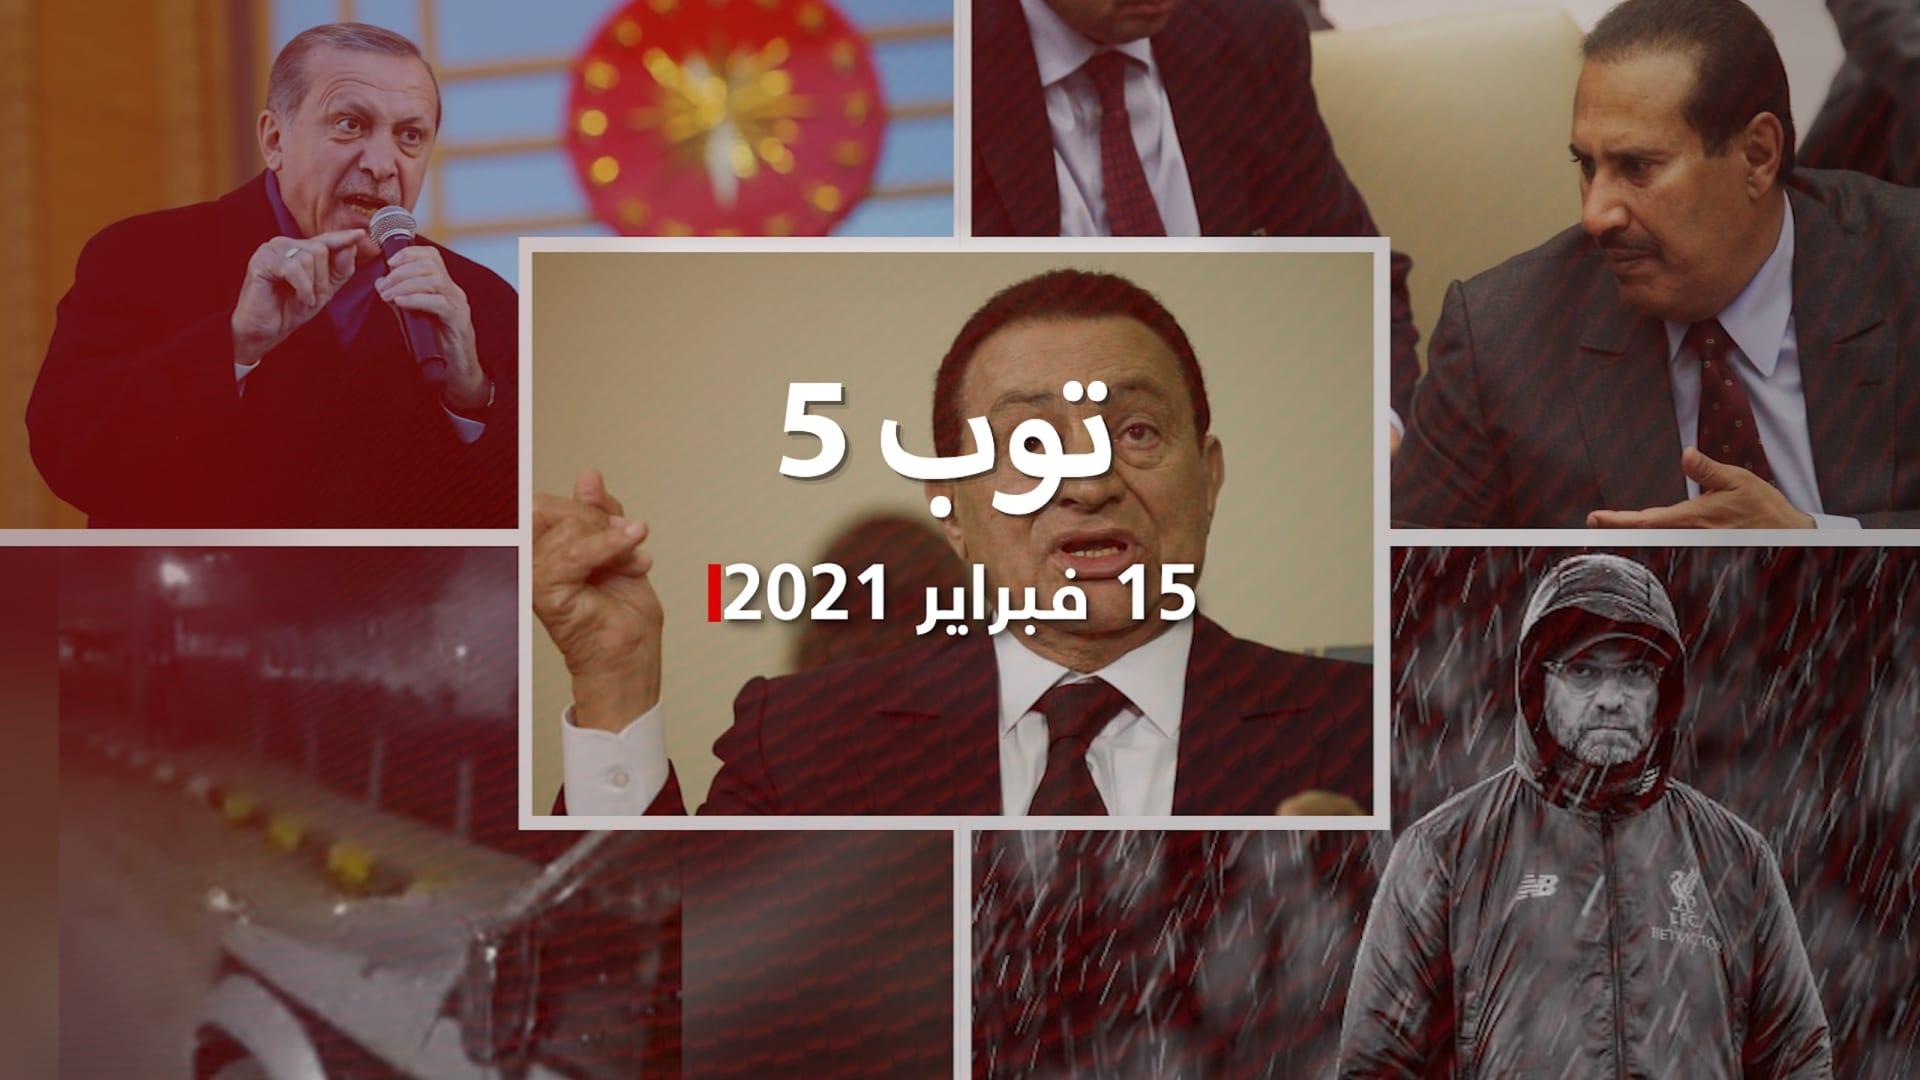 """توب 5.. نائب مصري يتحدث عن دور مبارك بنقل تبعية """"تيران وصنافير"""".. وأردوغان ينتقد أمريكا"""